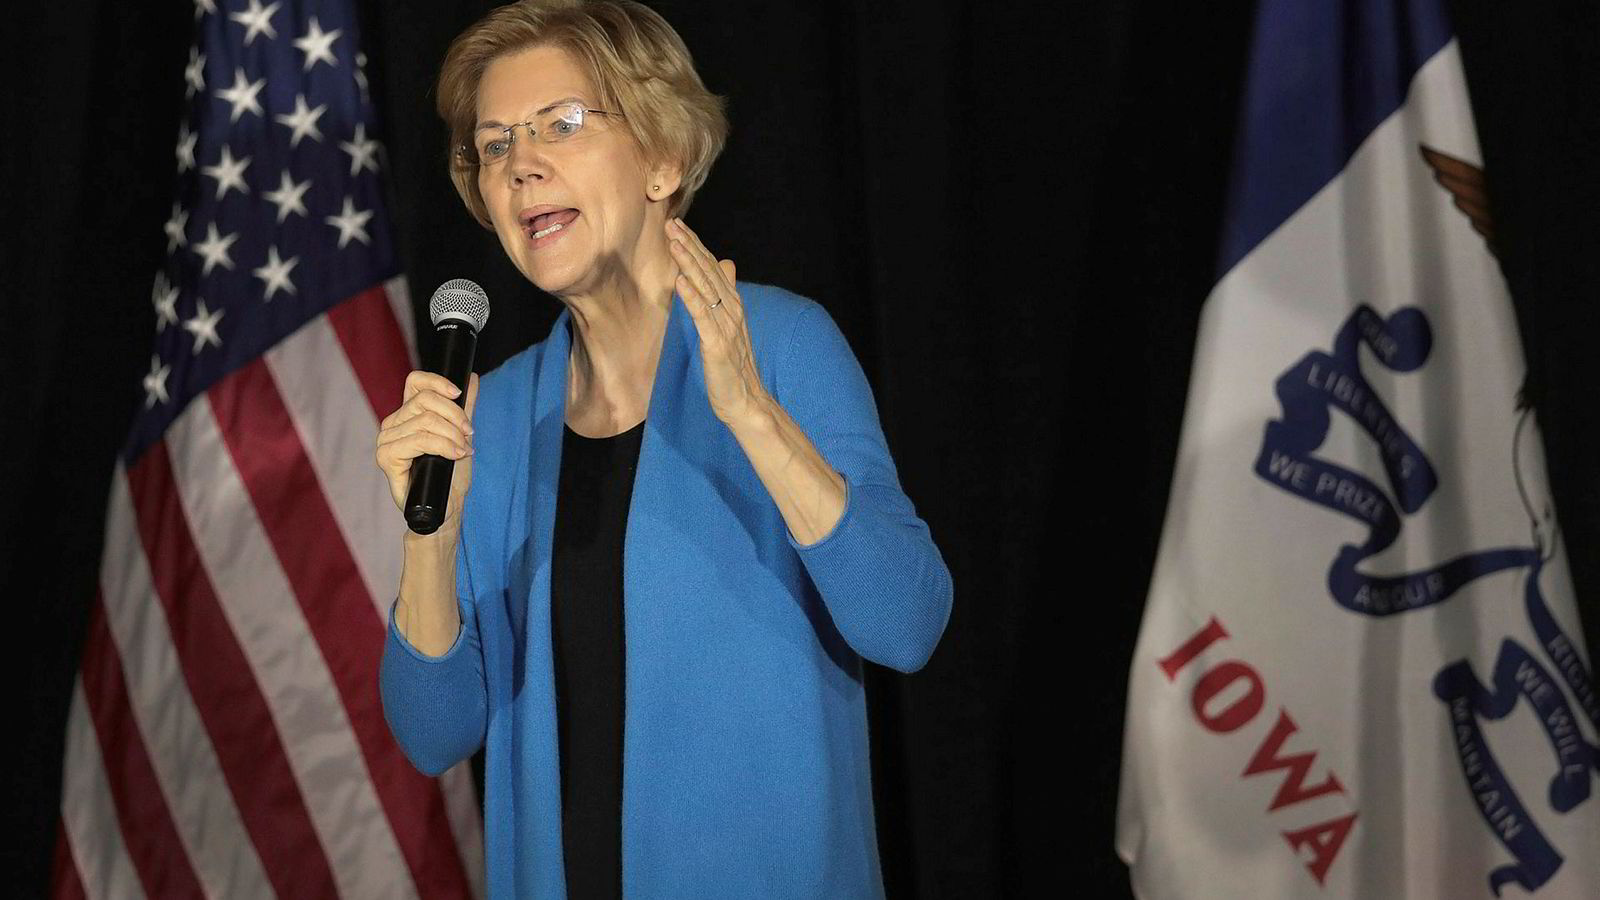 Demokraten Elizabeth Warren anla en krass tone overfor president Donald Trump da hun talte på et velgermøte i delstaten Iowa søndag.